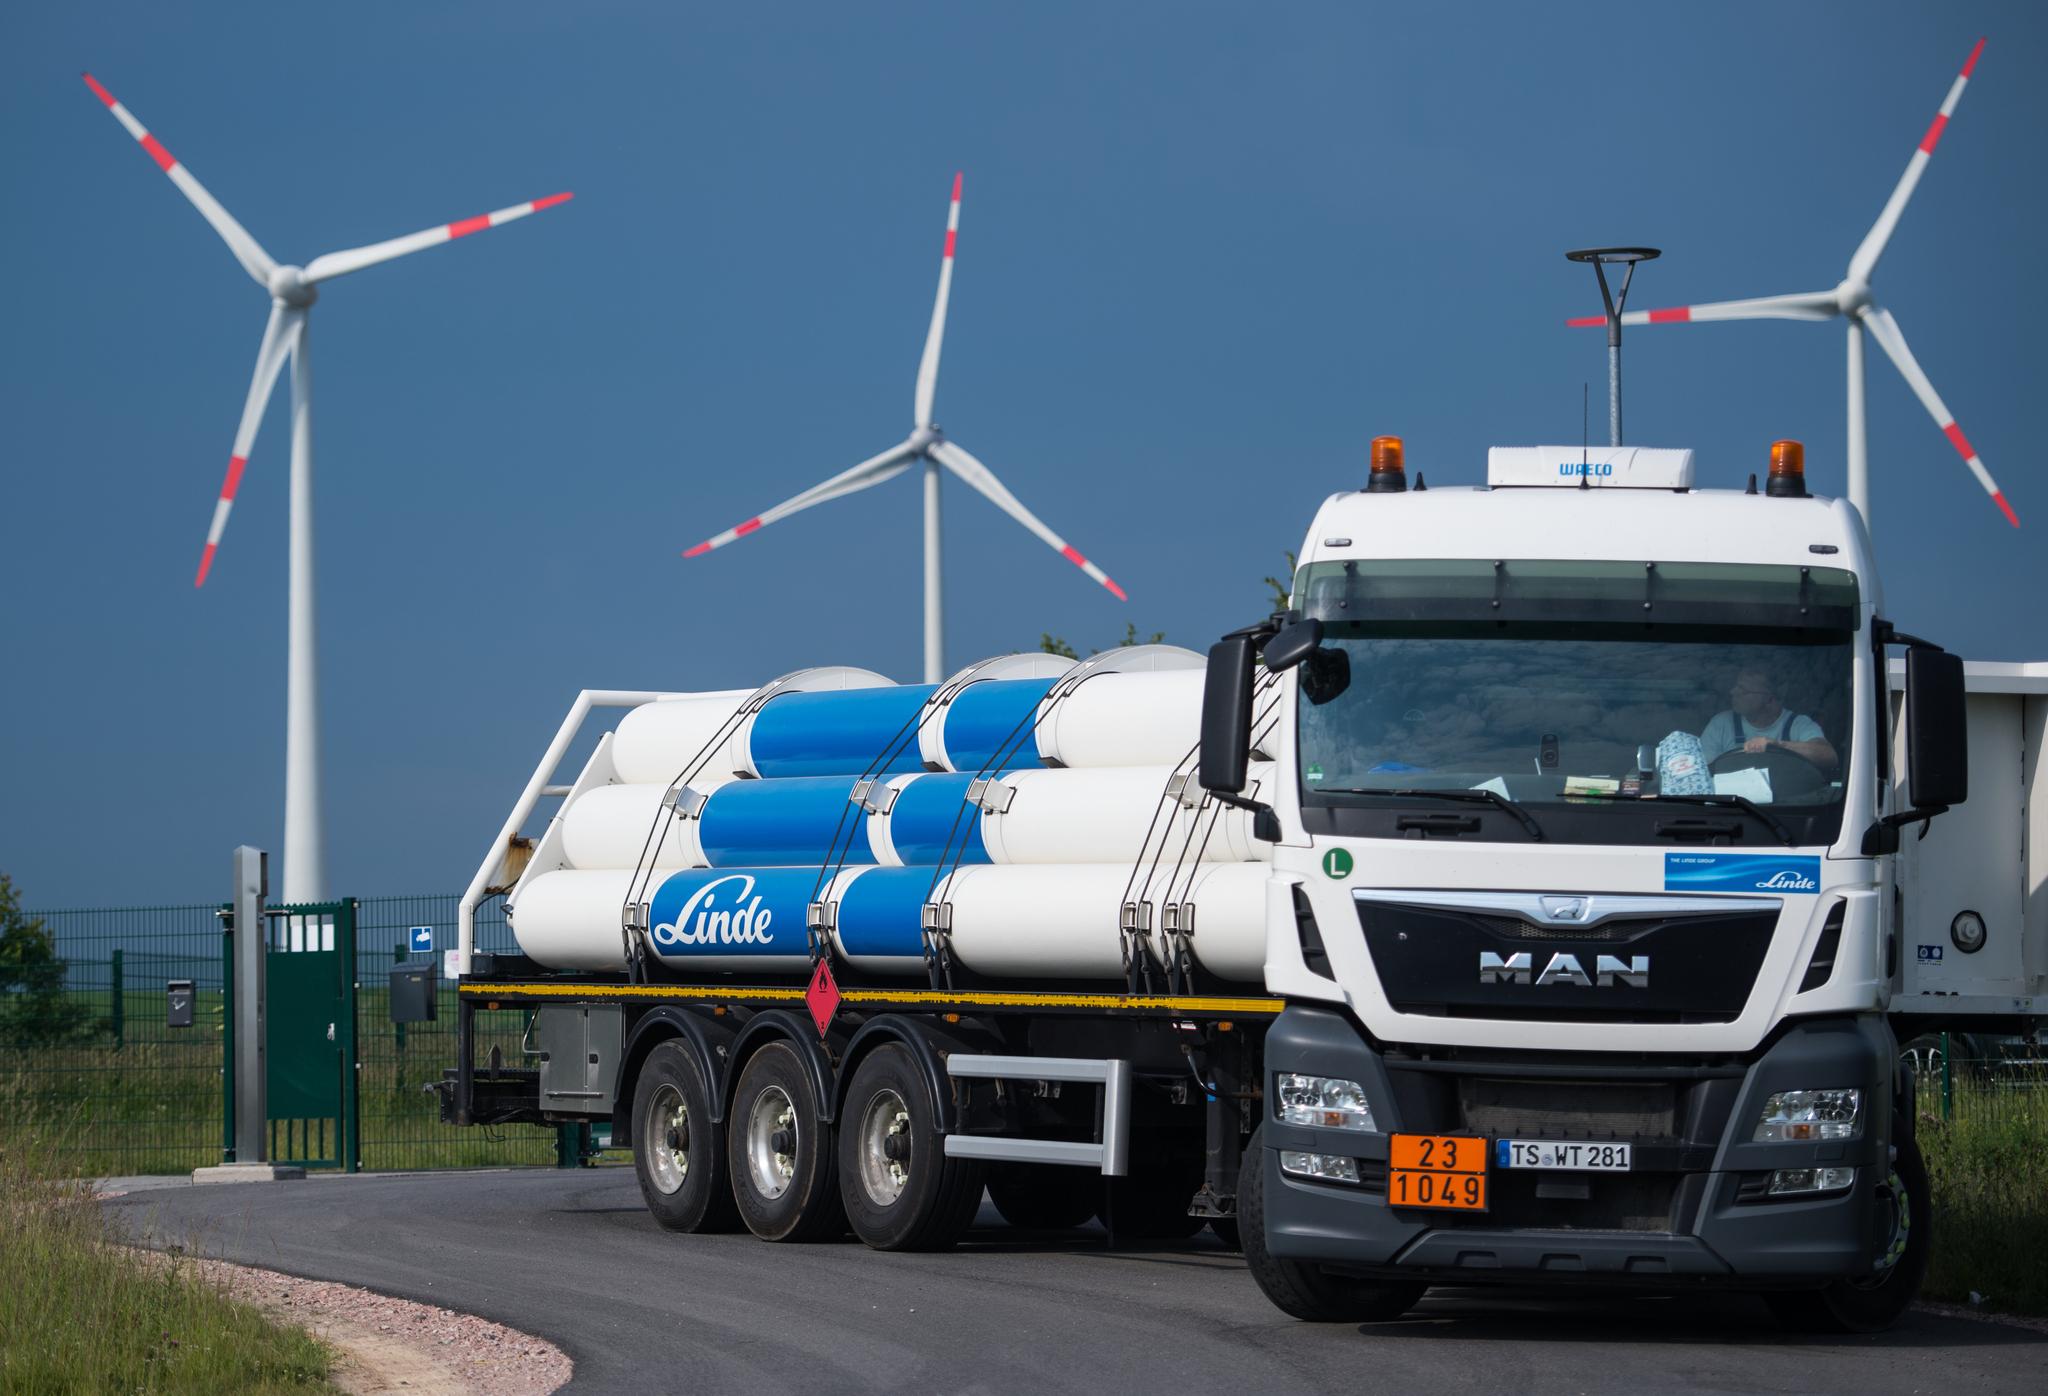 Die Weltgemeinschaft sieht Potenzial in grünem Wasserstoff